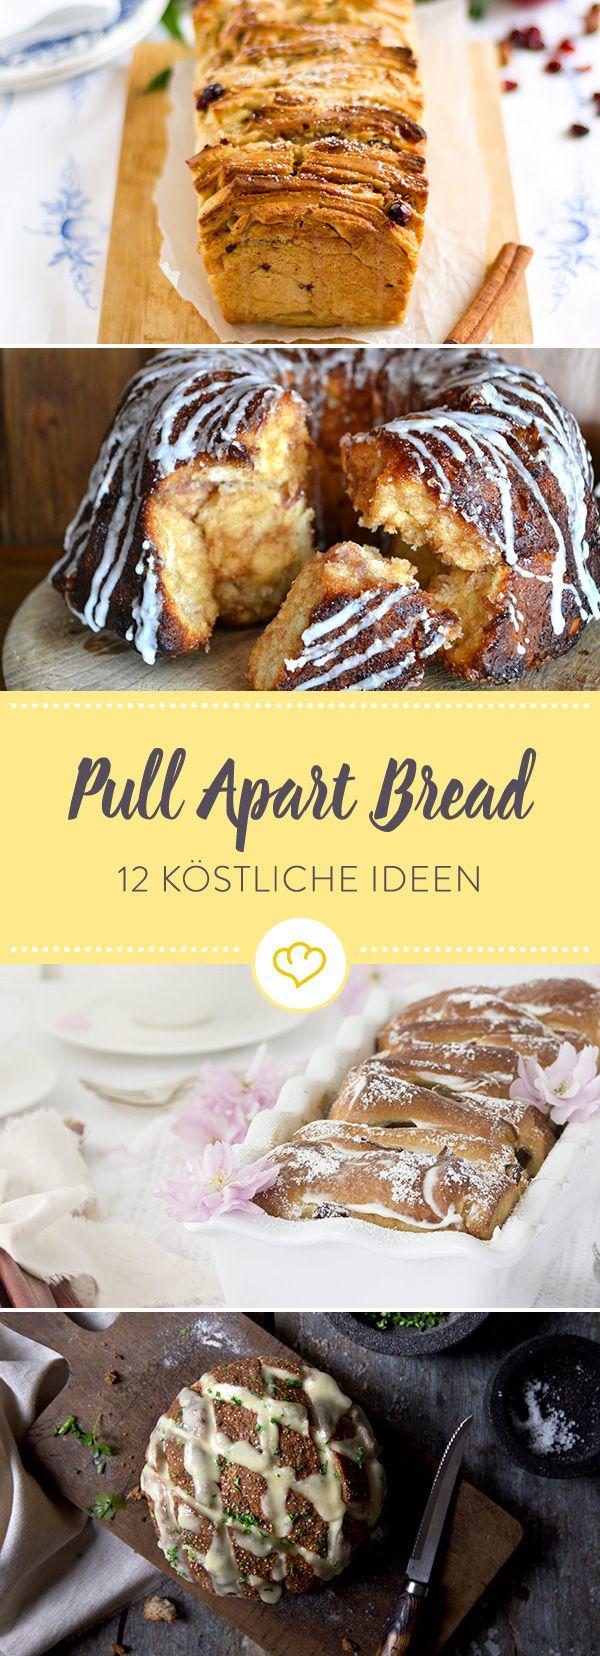 Zupf, zupf, hurra! Diese 12 Ideen für Pull Apart Bread halten mal süß-buttrige Schichten aus Hefeteig, mal krosses Quinoabrot mit Käse für dich bereit.